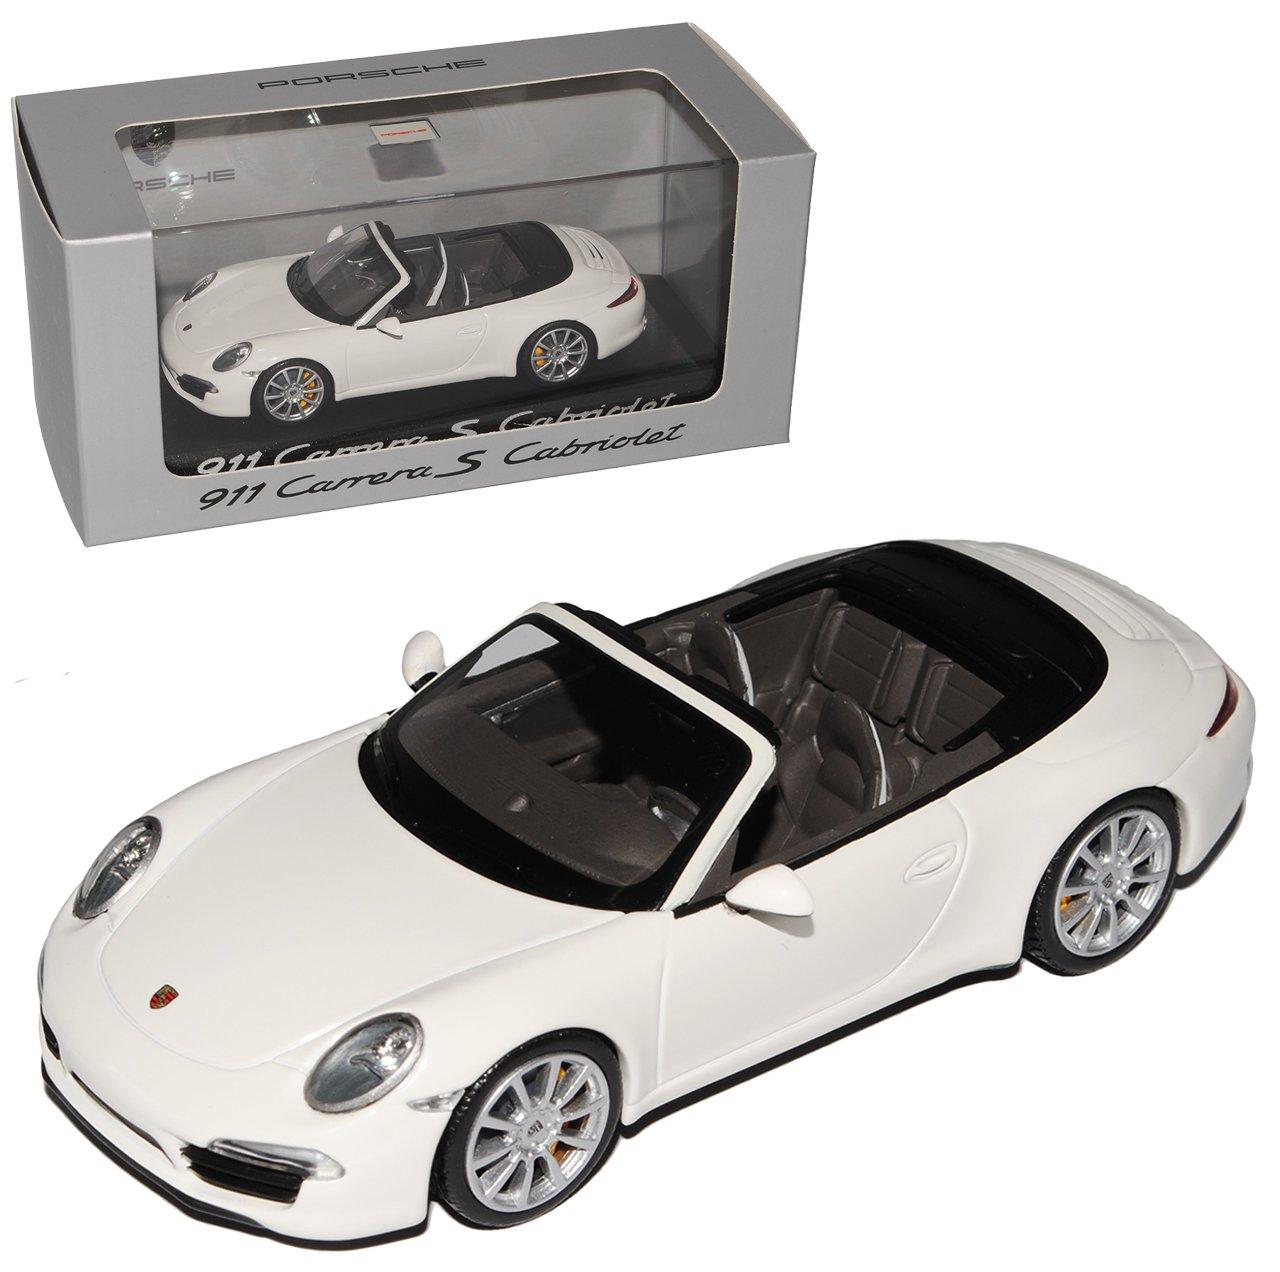 Minichamps Porsche 911 991 Cabrio Carrera S Weiss Ab 2012 1/43 Modell Auto